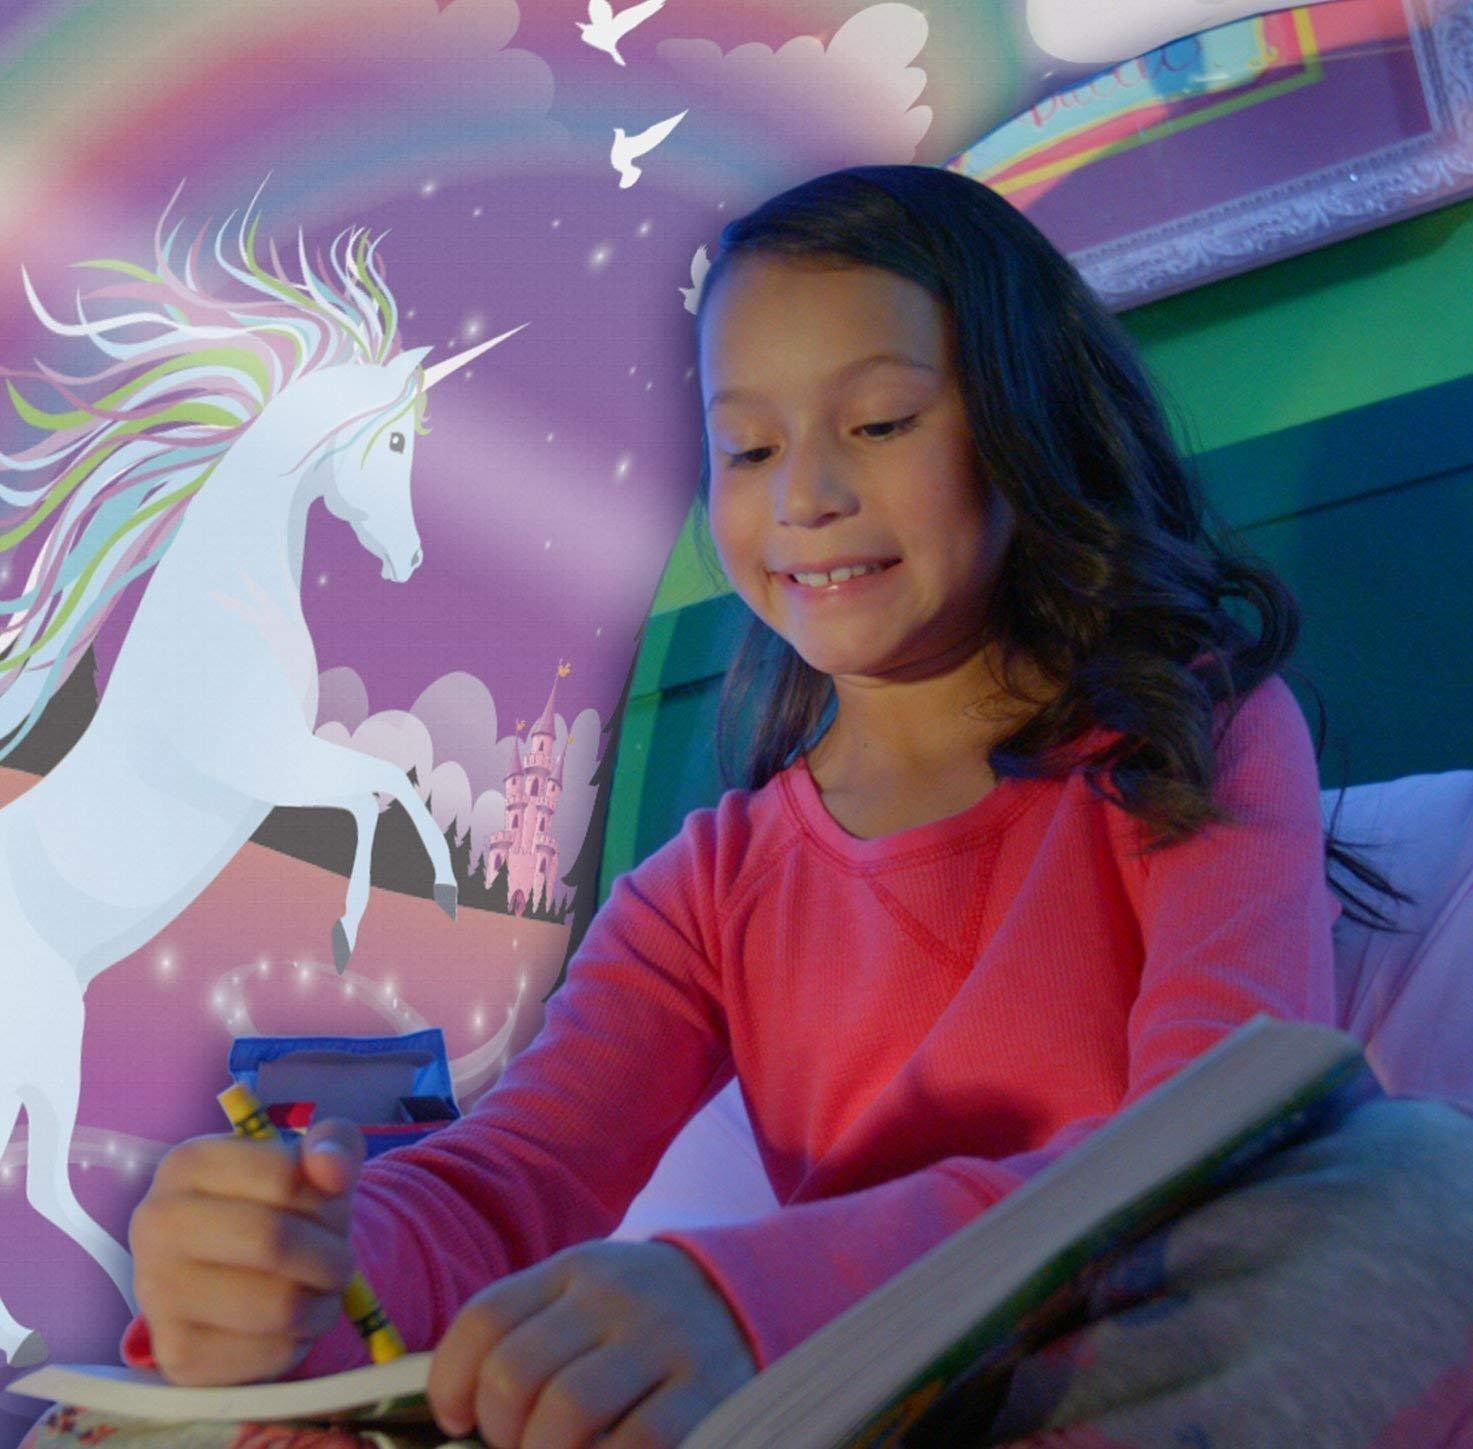 Miaogo Tents Parte Tiendas de campaña Cama Cama Tienda Tienda de ensueño Kid s Fantasy niños Dormitorio Decoración (Unicornio)